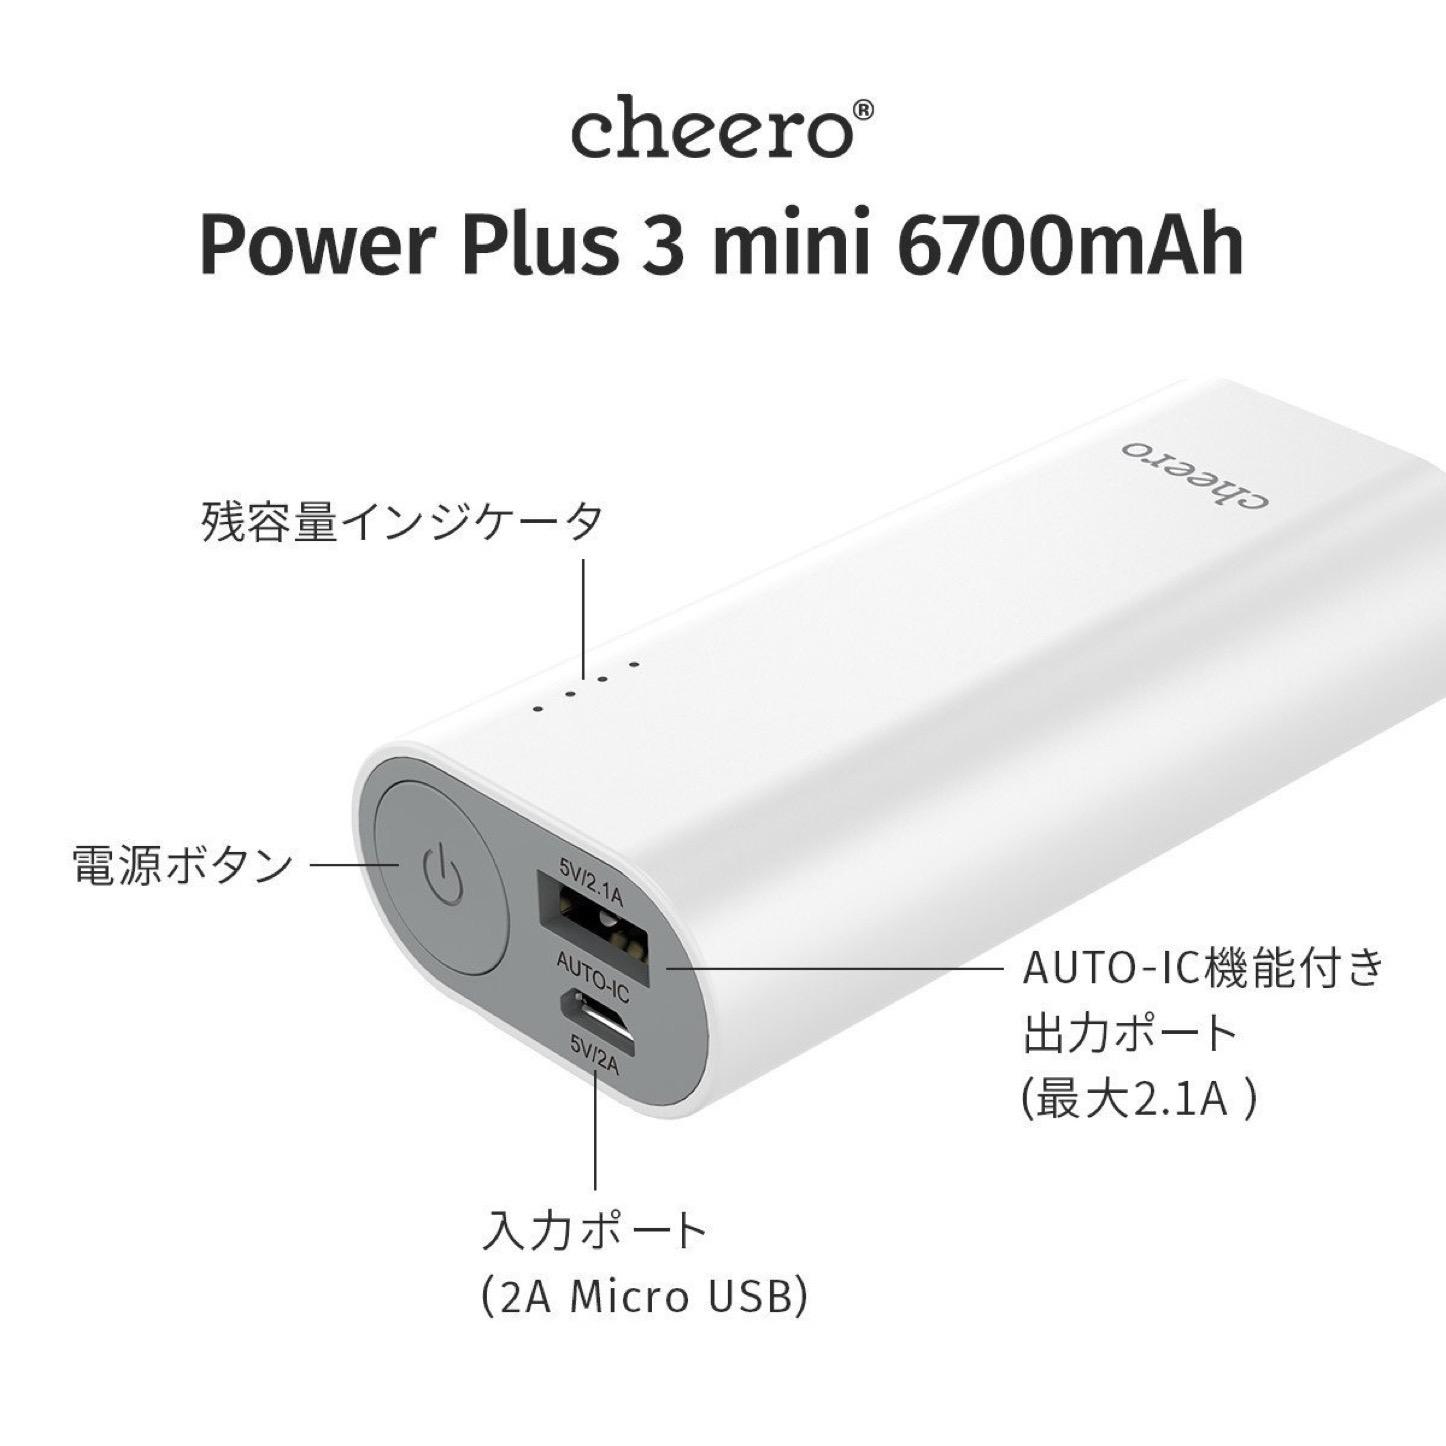 cheero-Power-Plus-3-mini-02.jpg